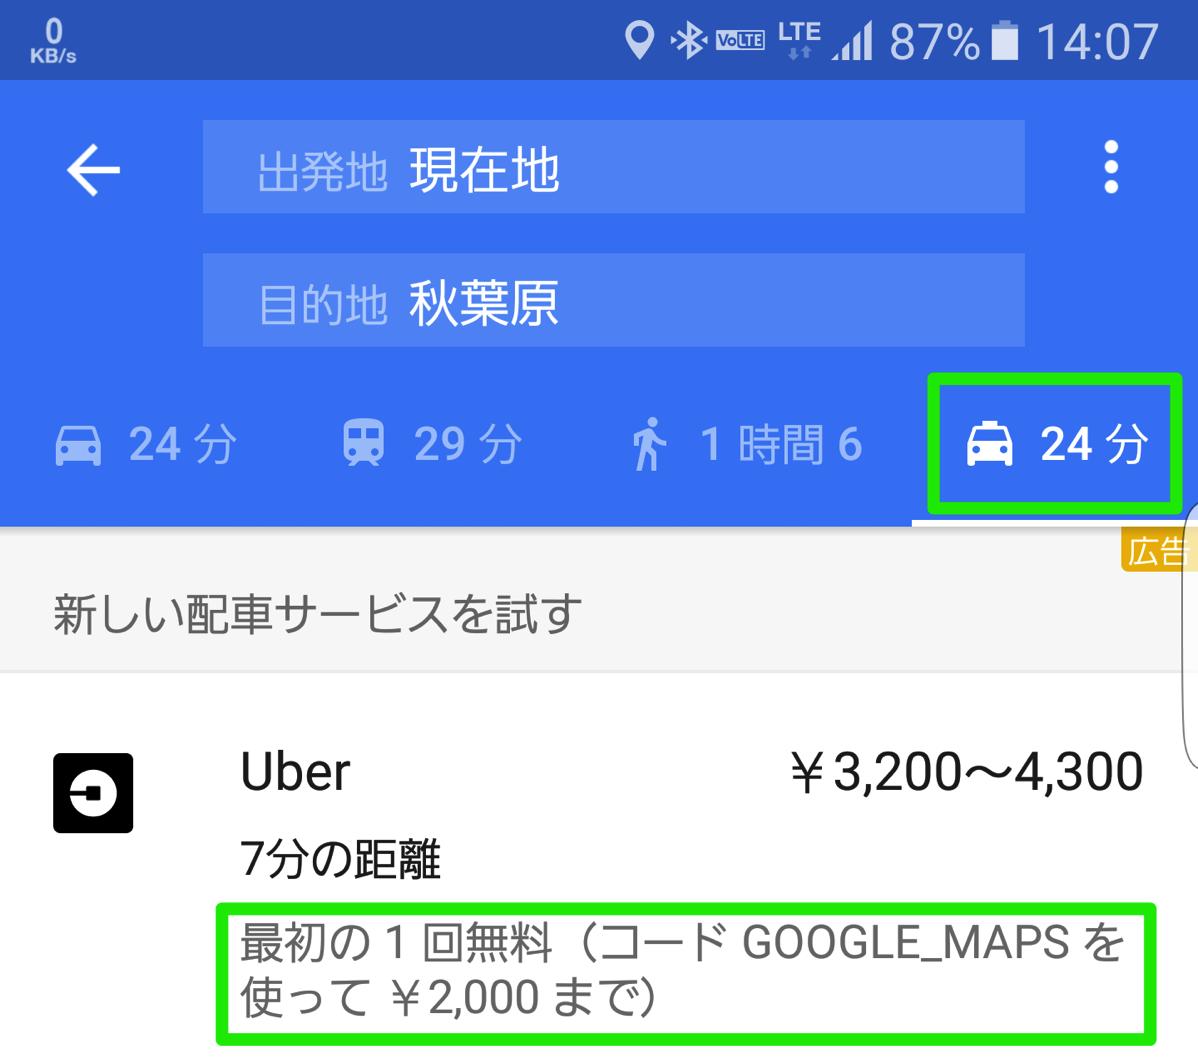 AndroidのGoogleMaps経路検索にUberが表示された